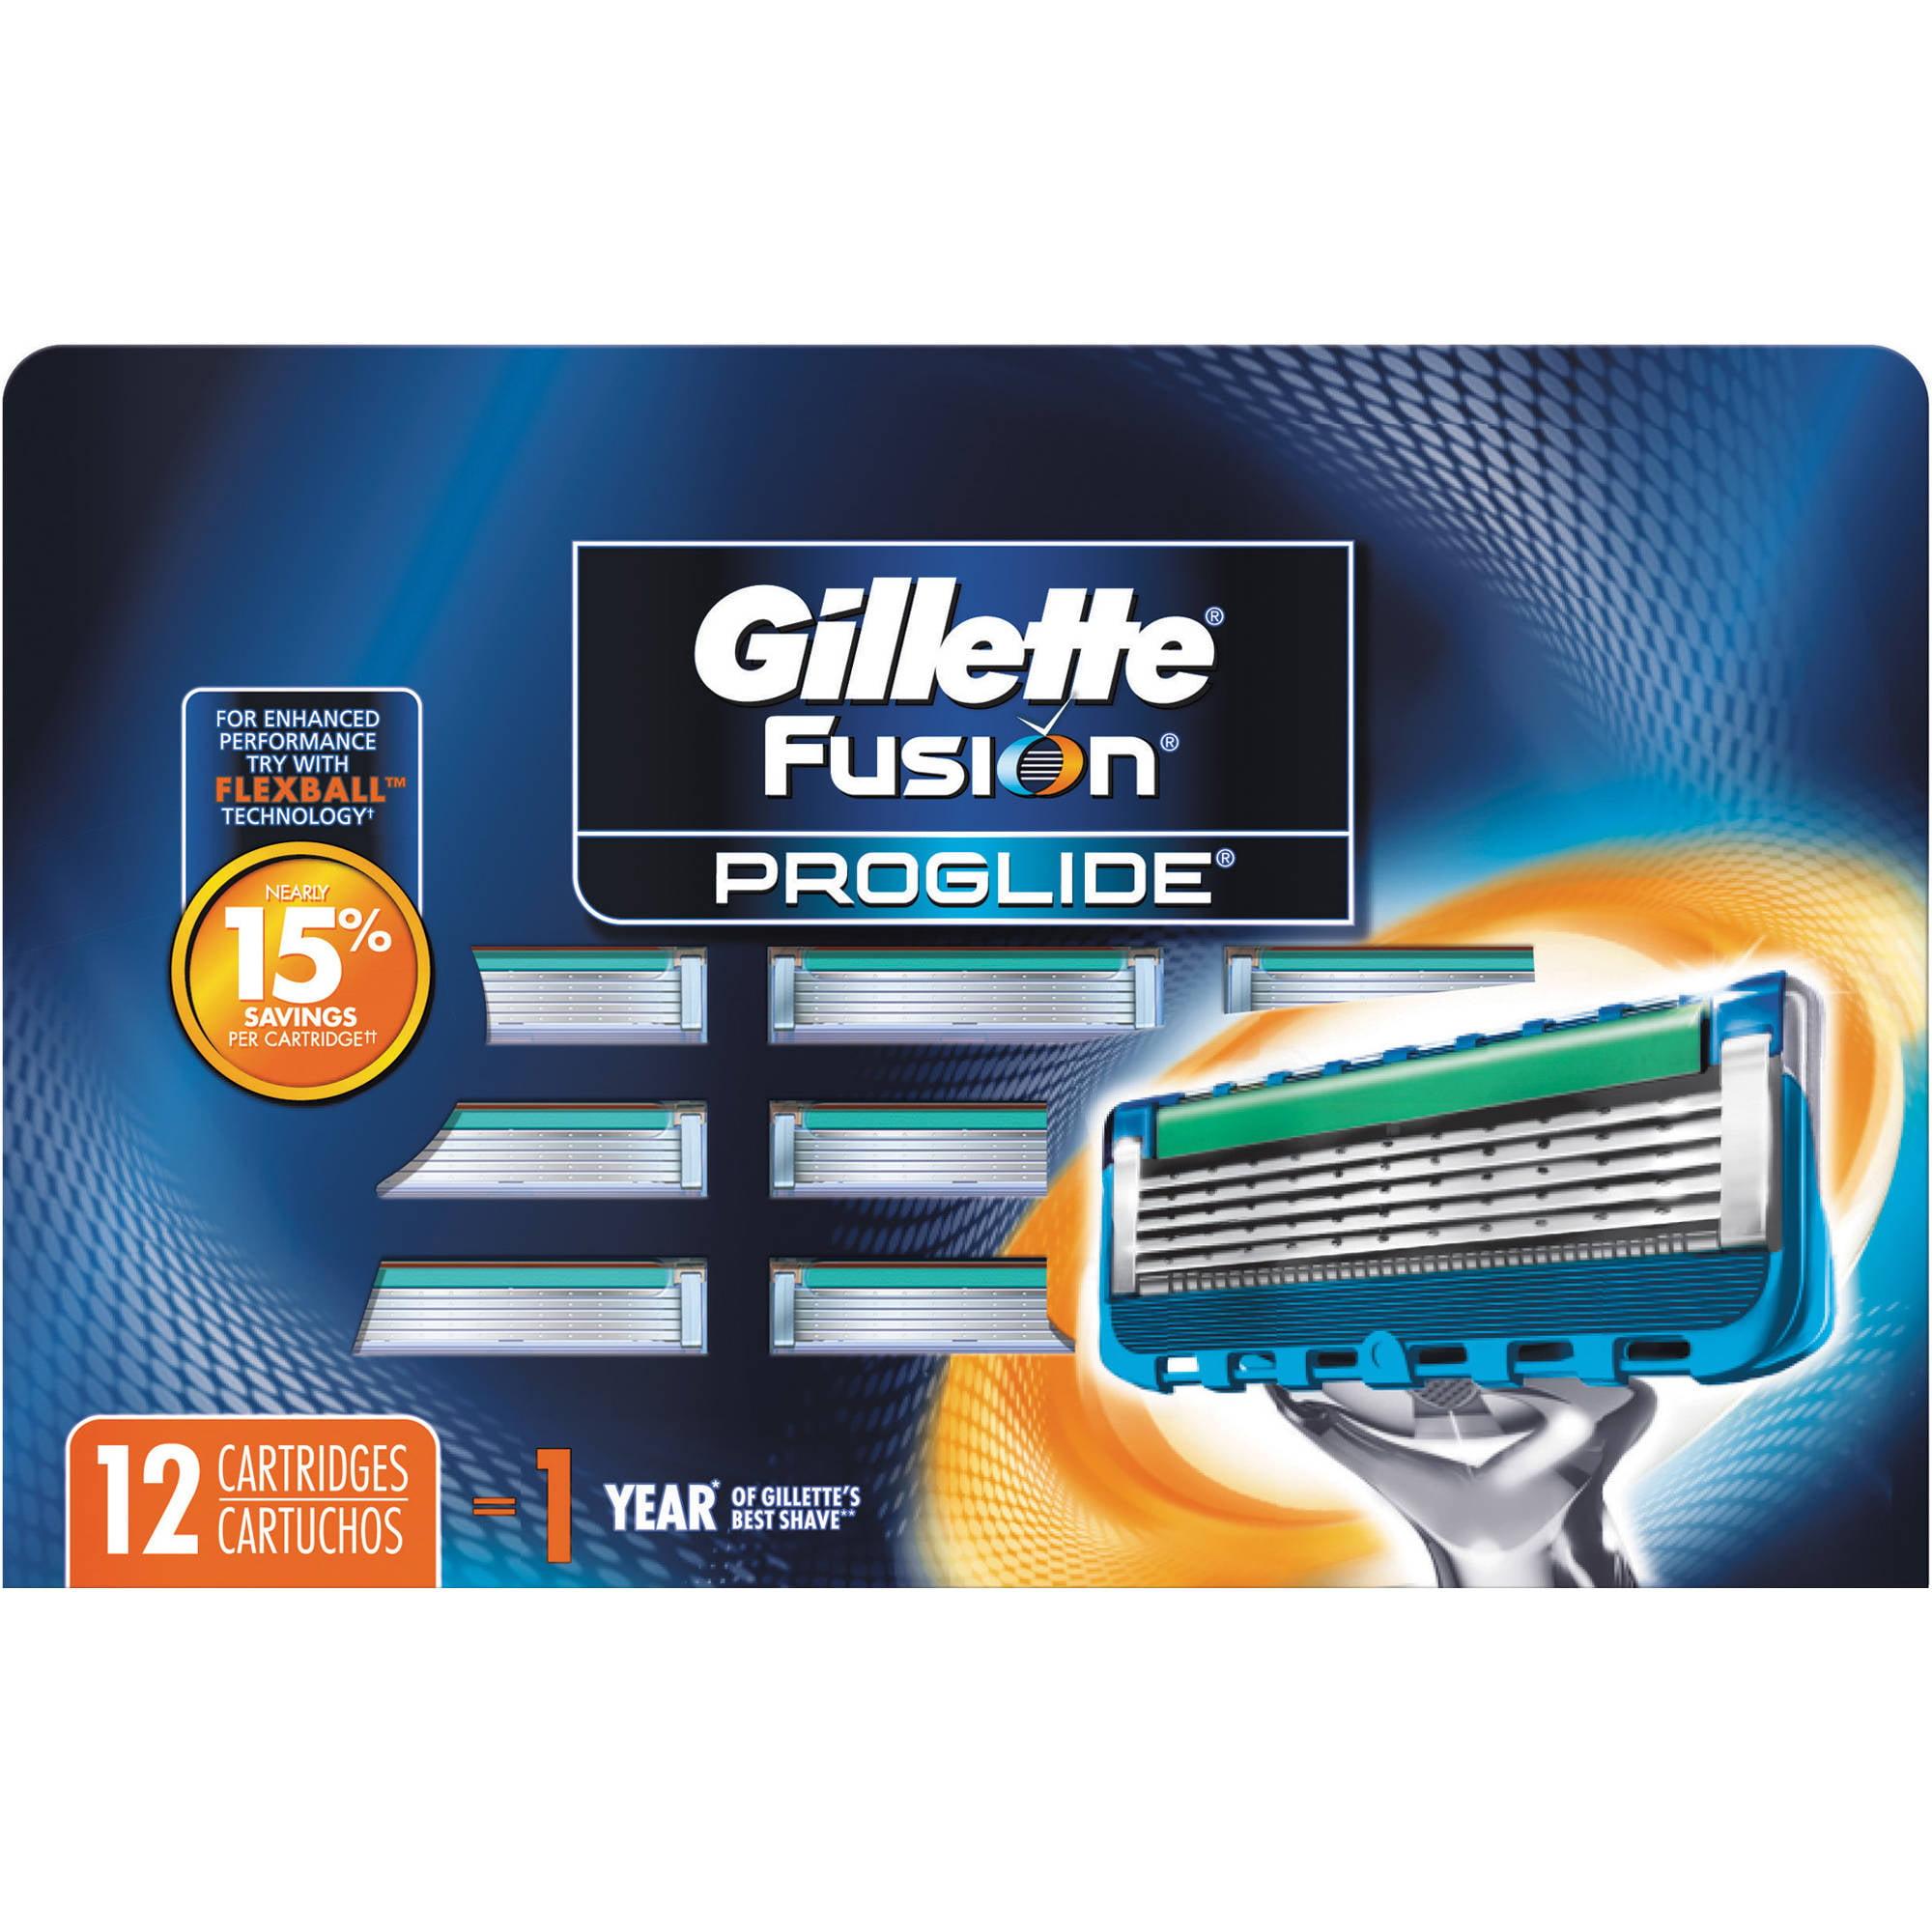 Gillette Fusion ProGlide Razor Refill Cartridges, 12 count